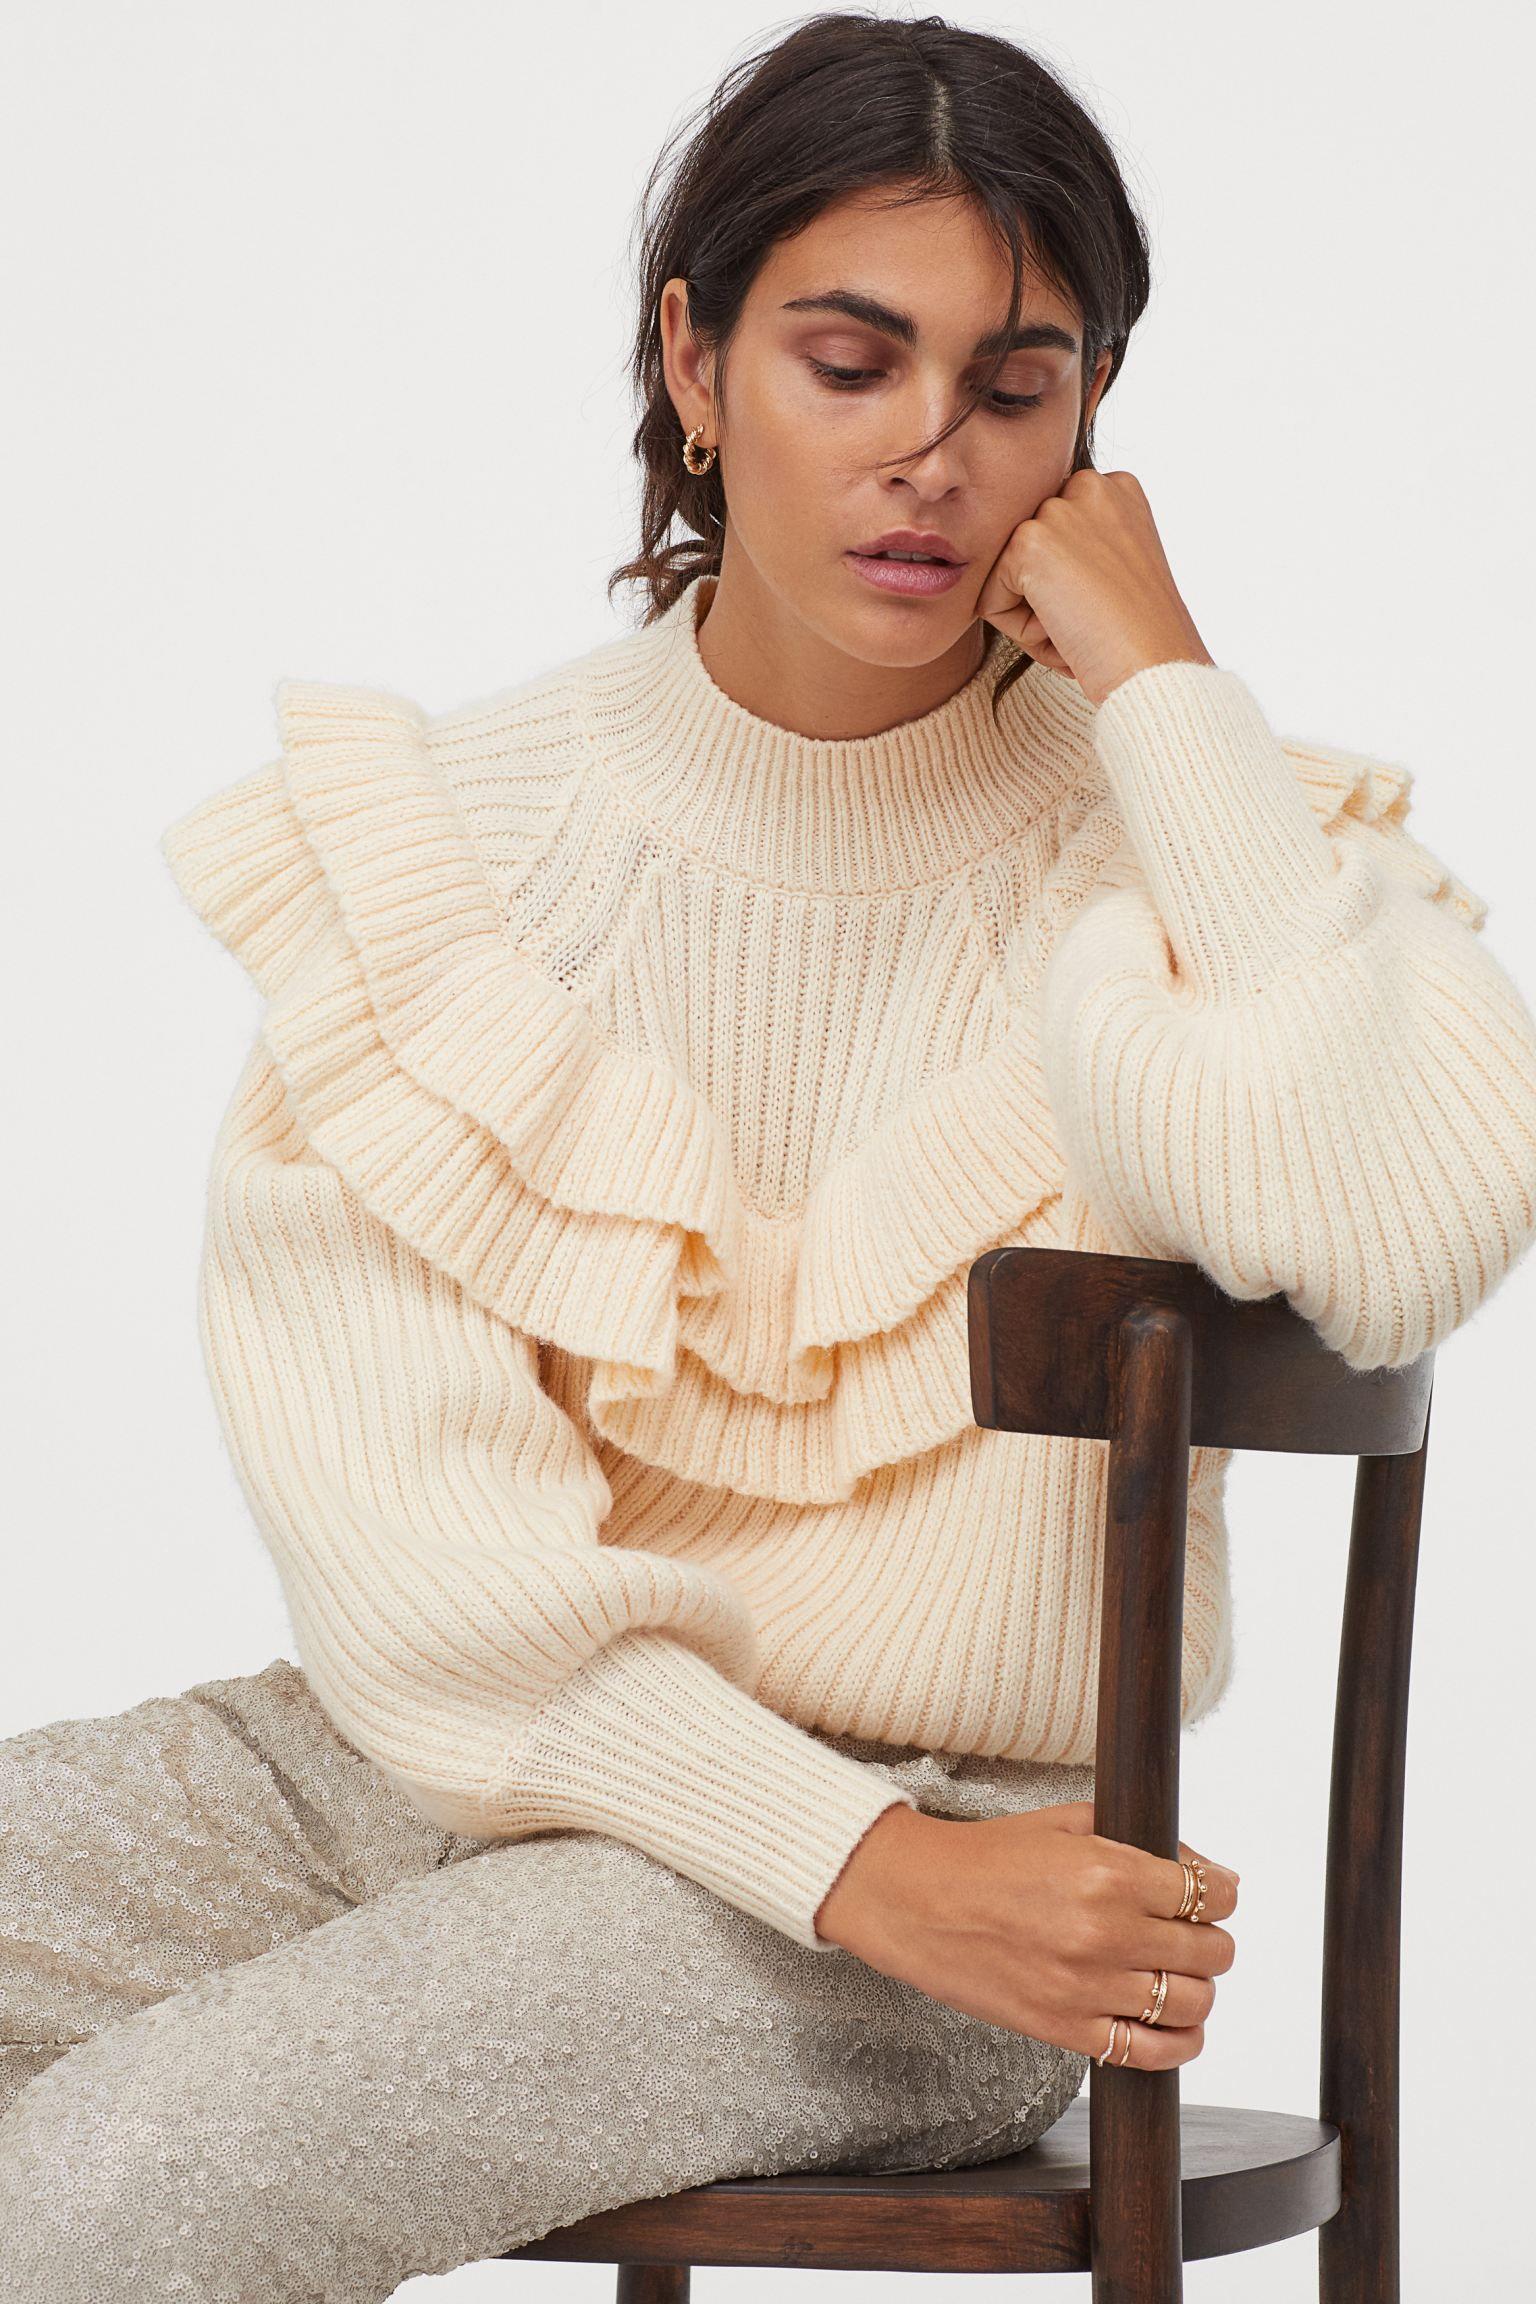 Modas absurdas de nuestros días - Página 7 Jersey-mujer-blanco-baratro-hm-elle-b-1607015712